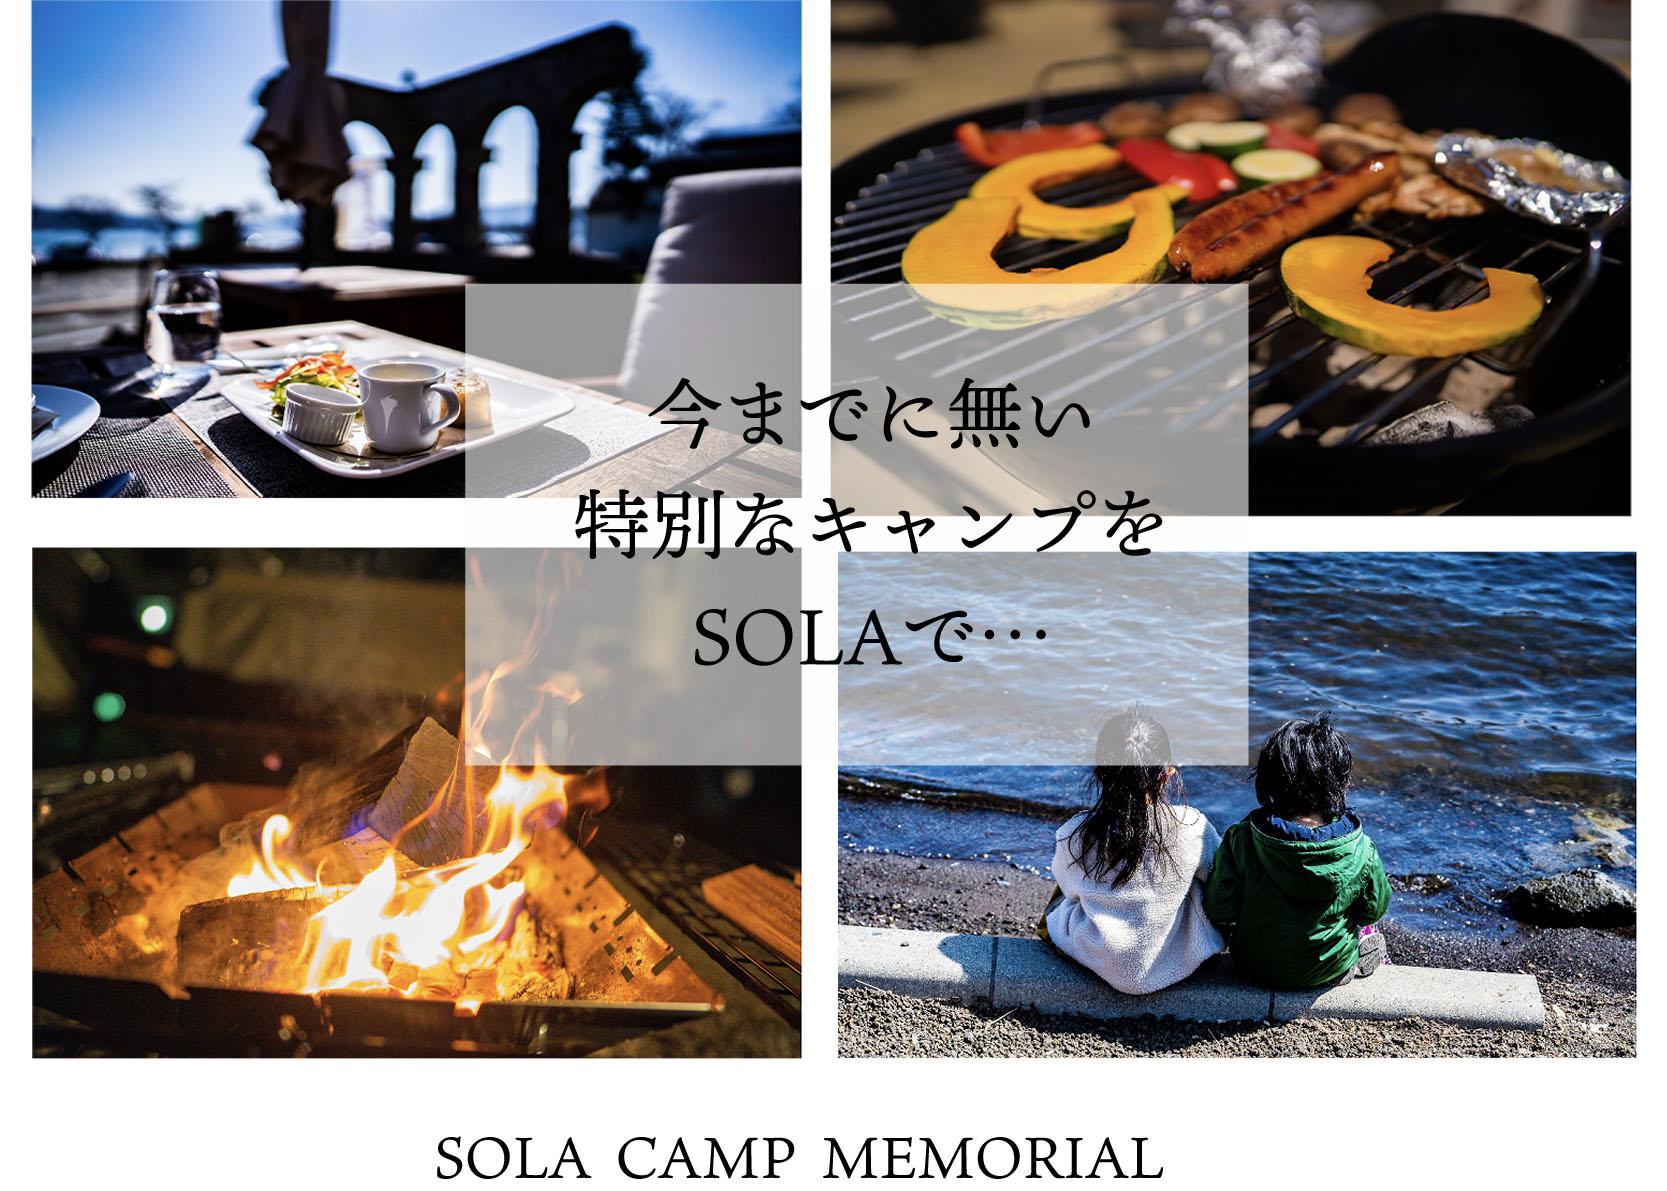 今までに無い特別なキャンプをSOLAで…